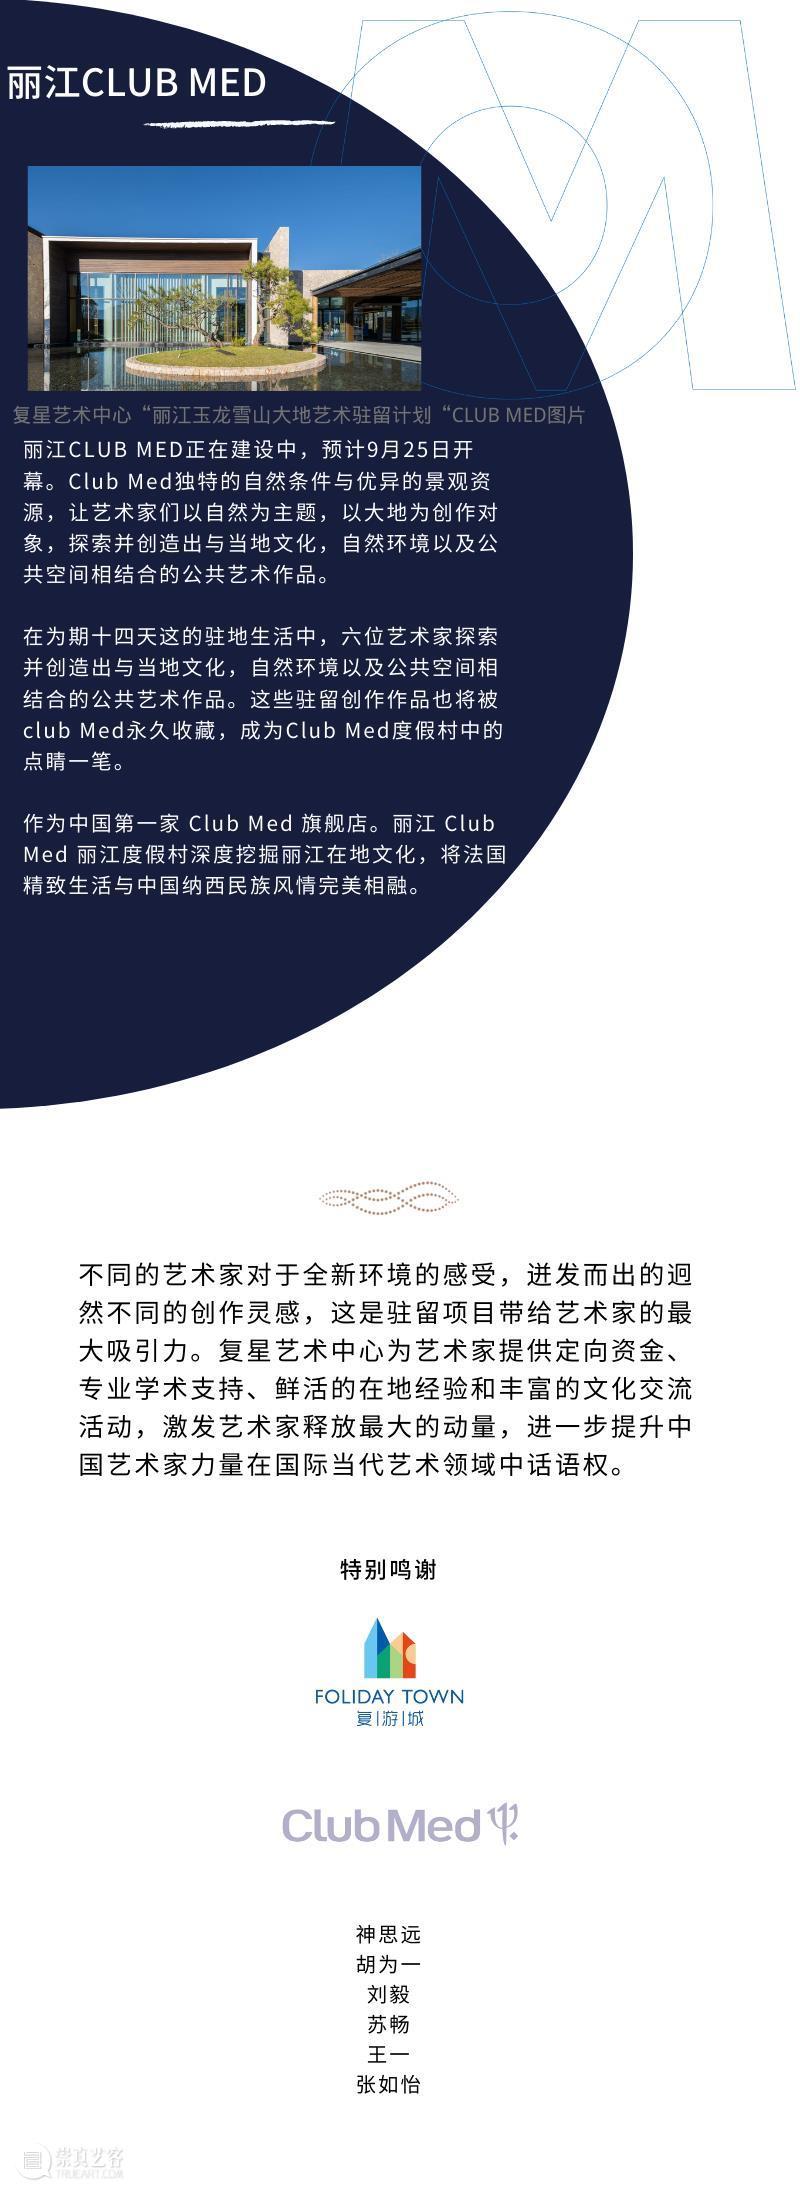 艺术驻留计划 用艺术赋能丽江 艺术 计划 丽江 复星艺术中心 丽江玉龙雪山 大地 艺术家 图片 风景 原文 崇真艺客